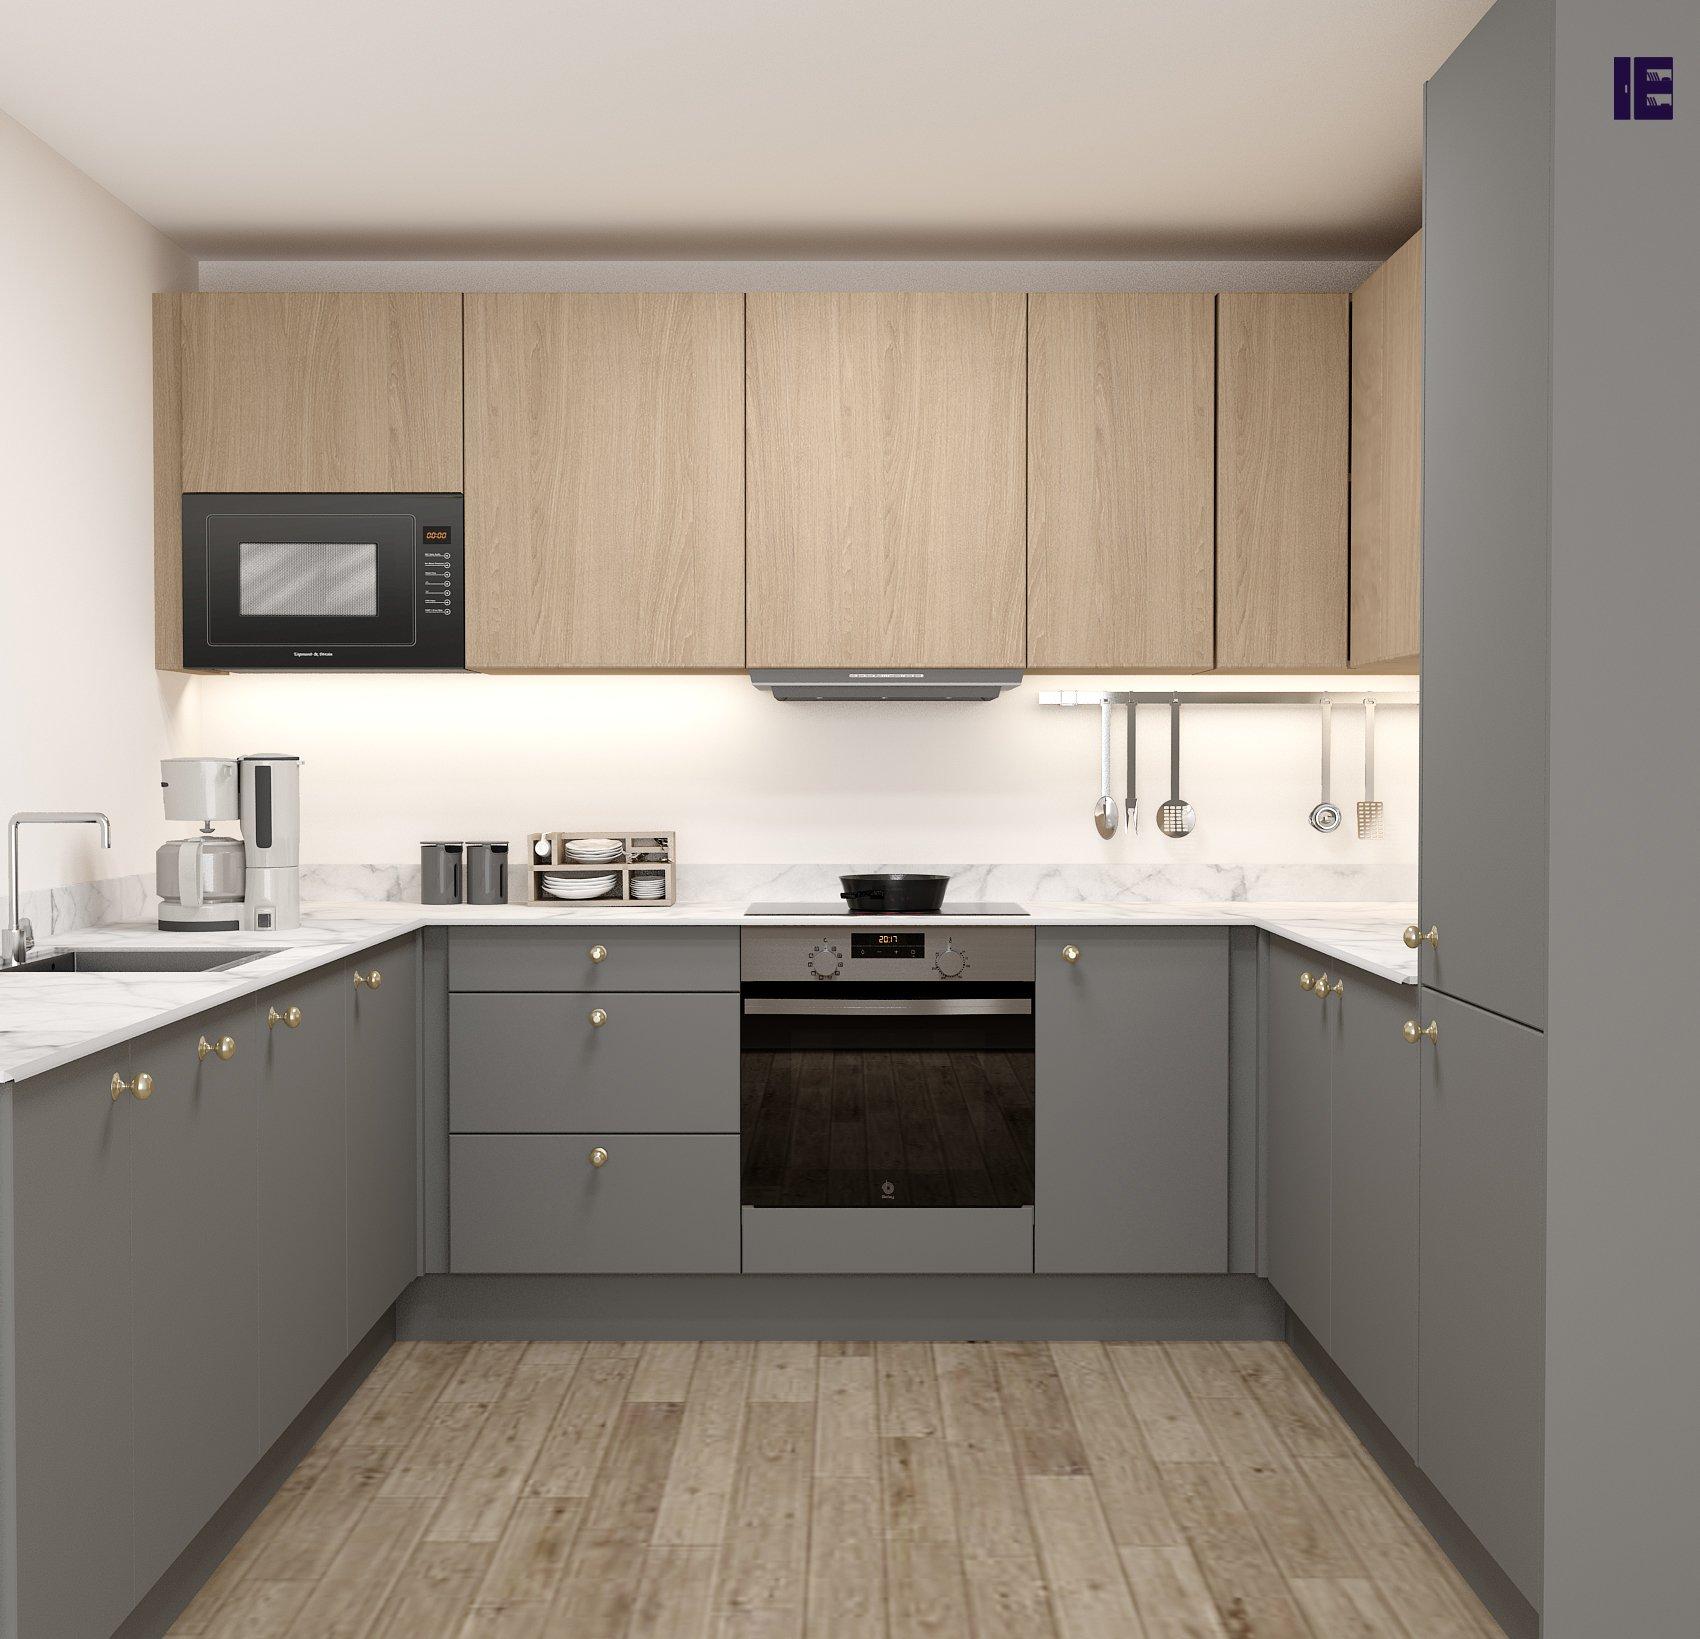 Modern kitchen in grey colour